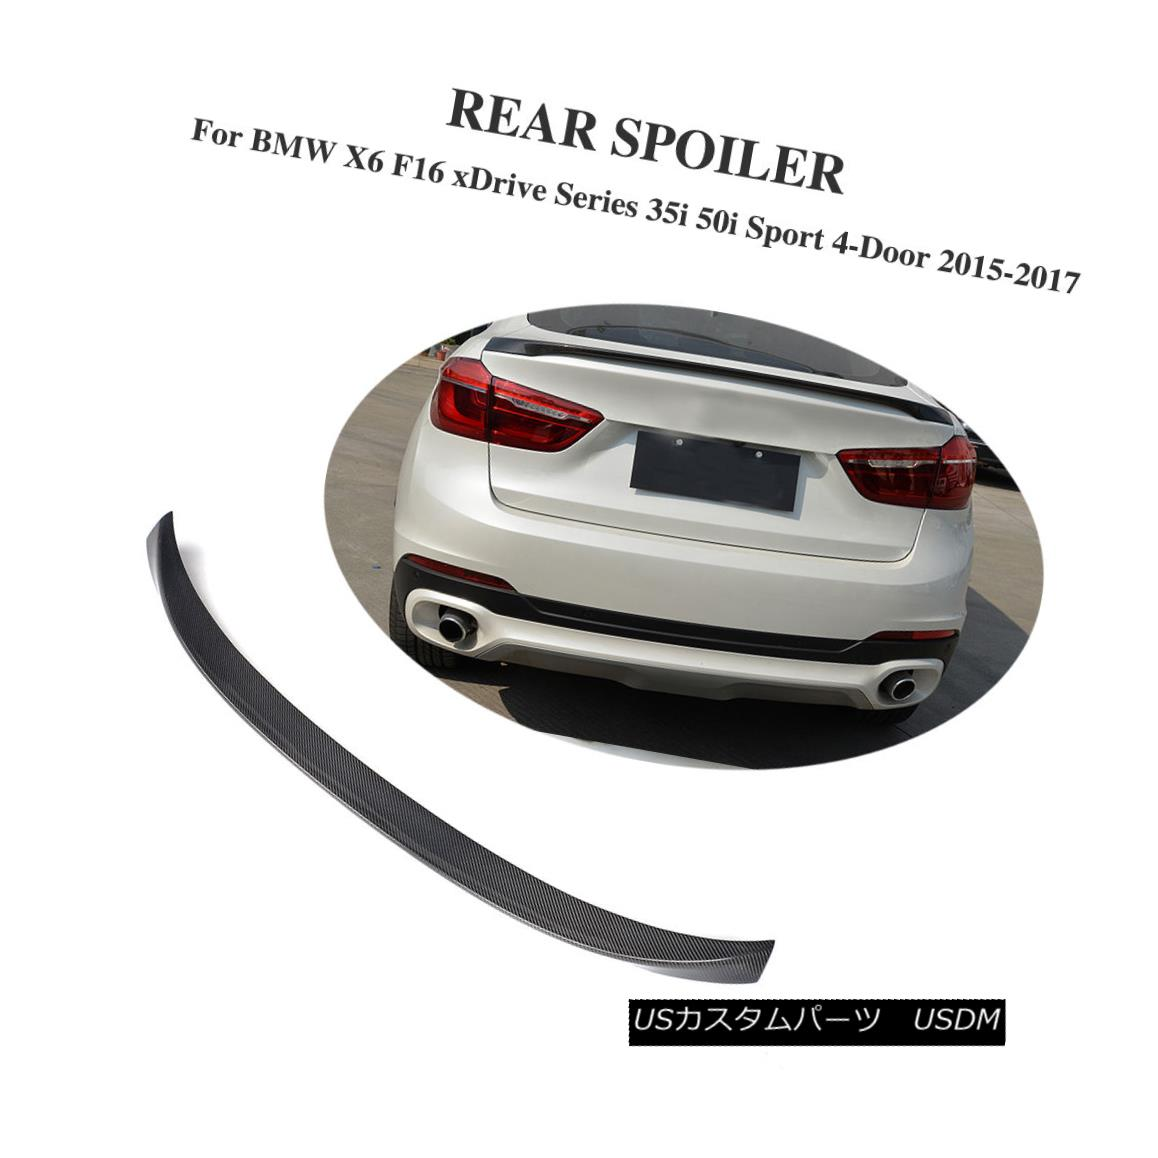 エアロパーツ P Style Carbon Fiber Rear Spoiler Fit for BMW X6 F16 xDrive Series SUV 2015-2016 BMW X6 F16 xDriveシリーズSUV 2015-2016用Pスタイルカーボンファイバーリアスポイラー